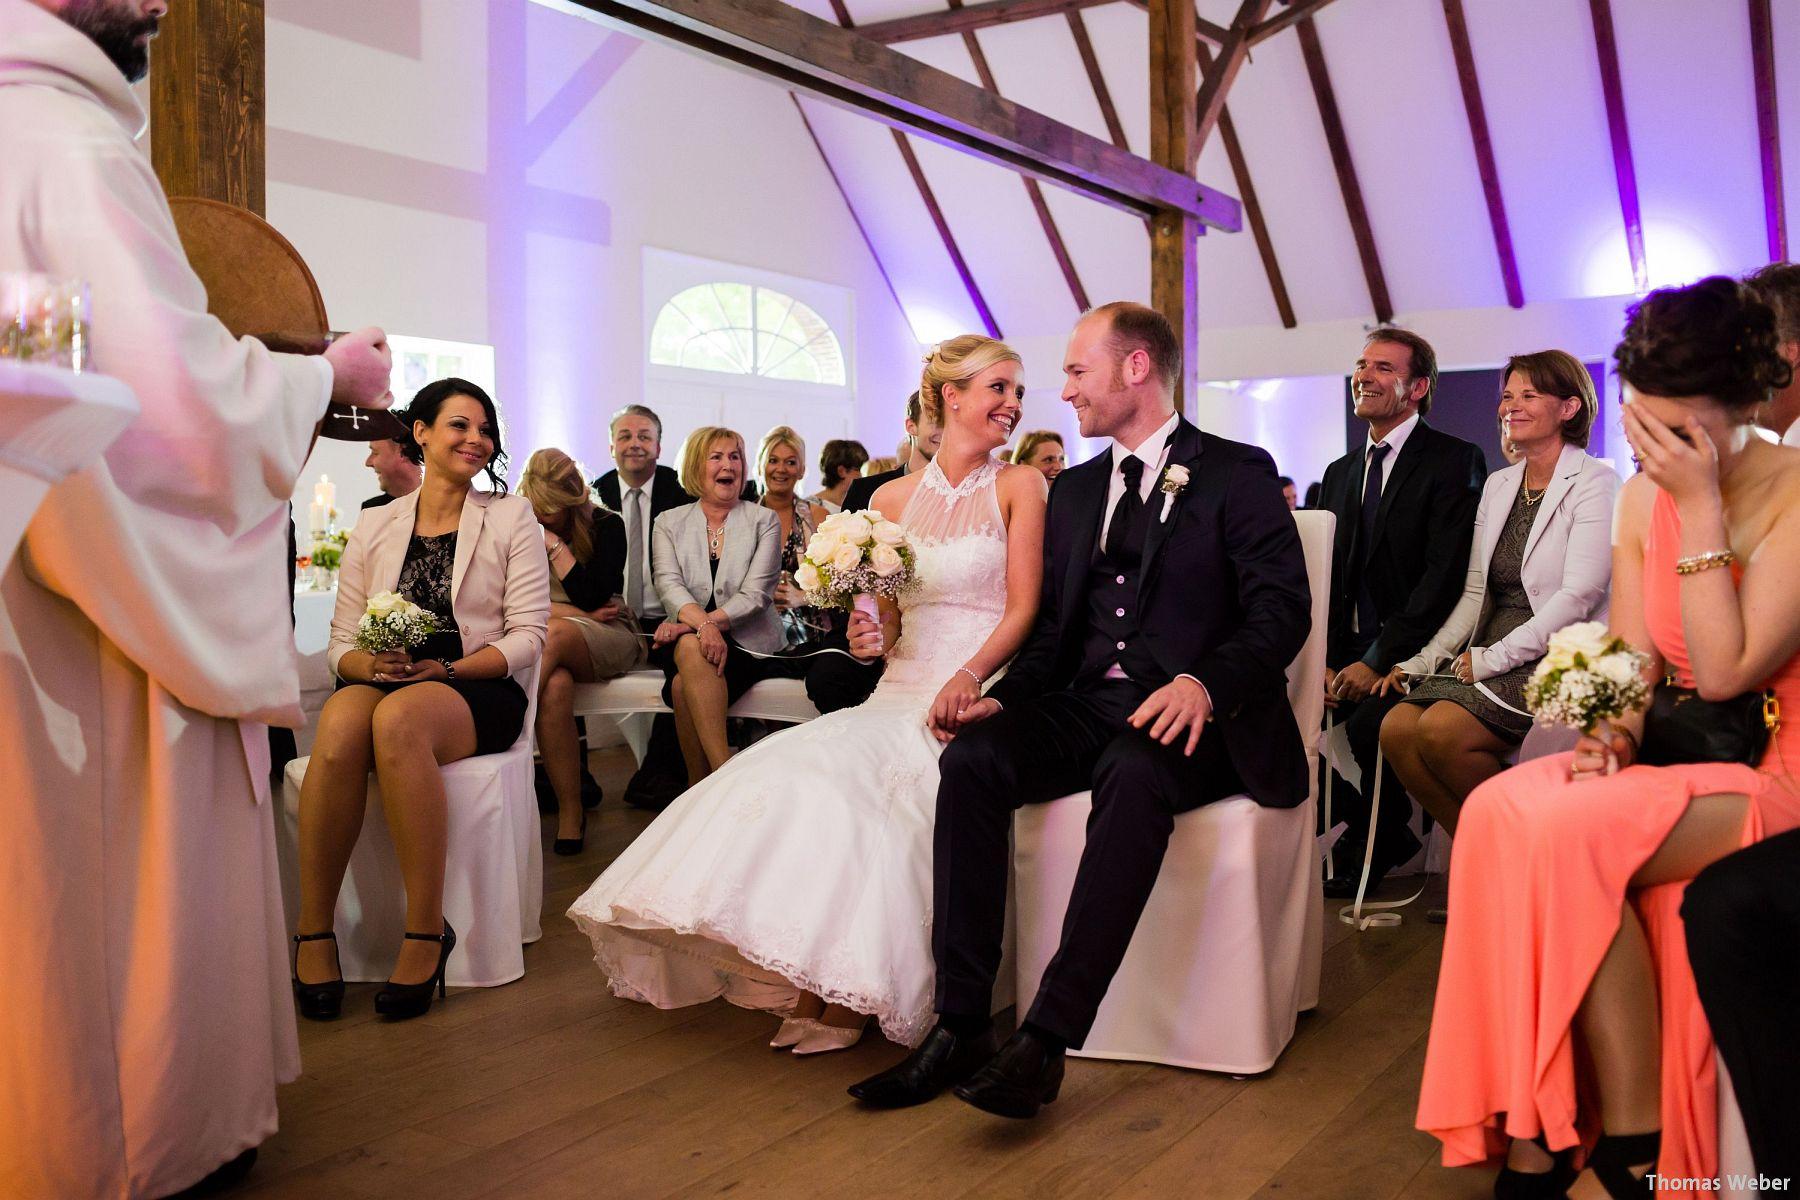 Hochzeitsfotograf Oldenburg: Hochzeit in der Eventscheune St. Georg in Rastede (49)